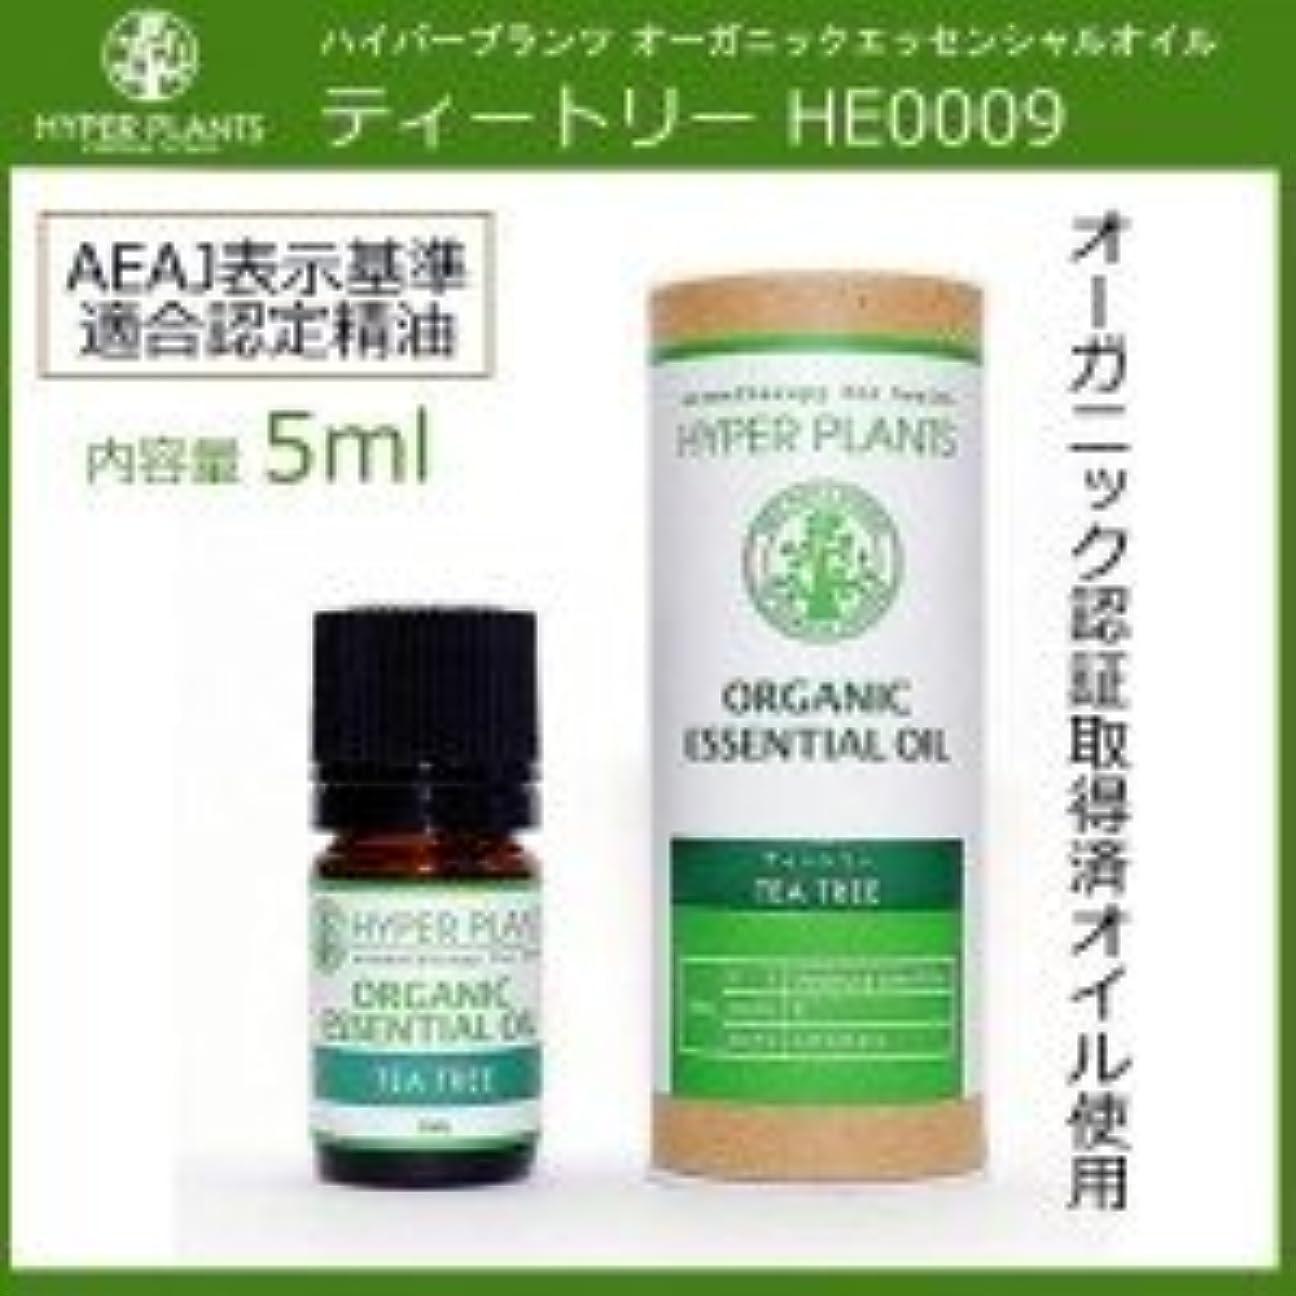 レンダリング地区眉をひそめるHYPER PLANTS ハイパープランツ オーガニックエッセンシャルオイル ティートリー 5ml HE0009